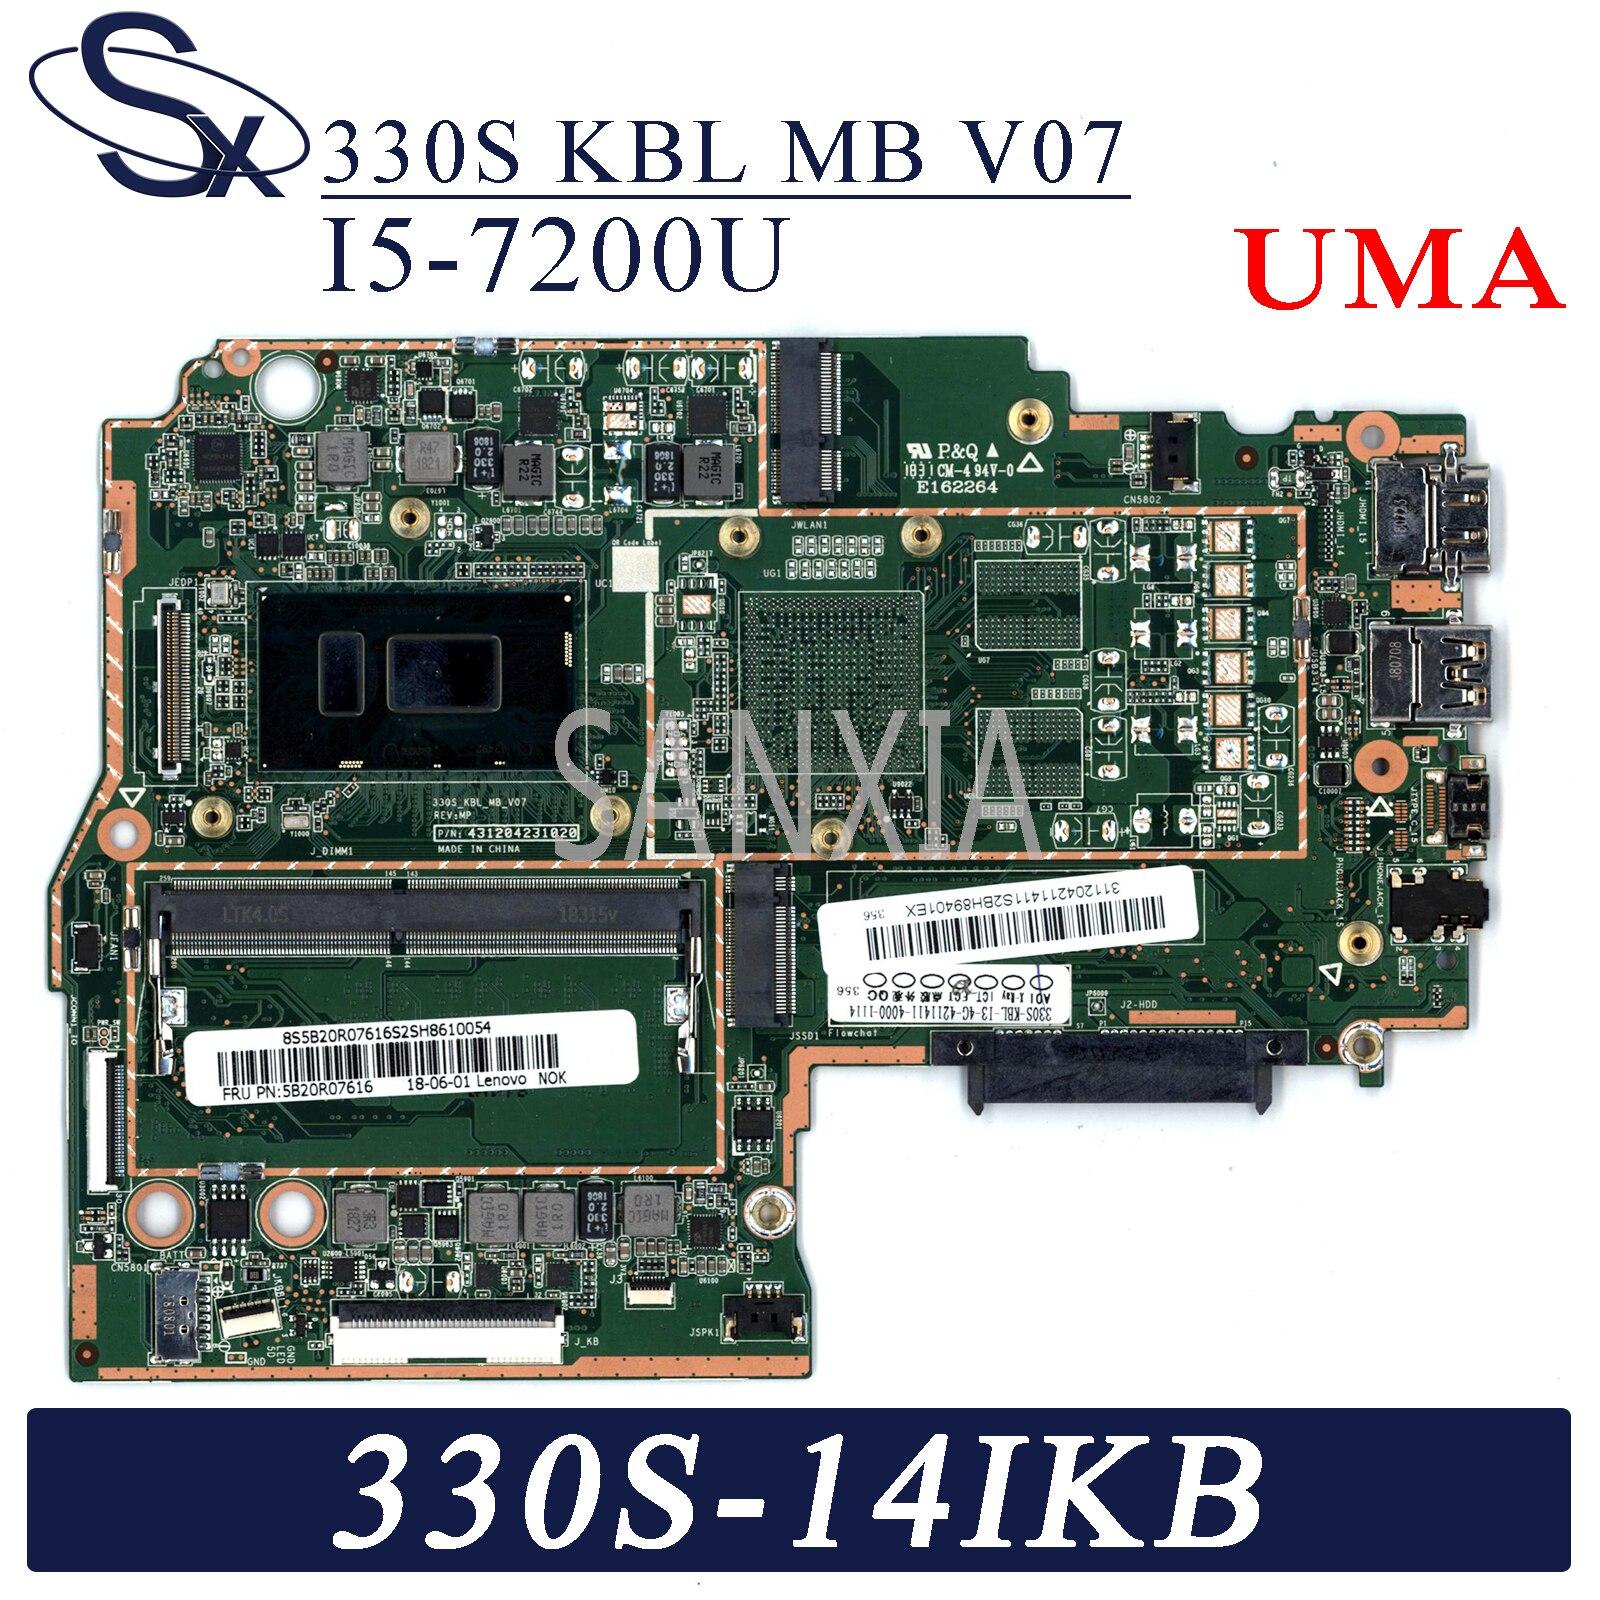 KEFU 330S_KBL_MB_V07 اللوحة الأم لأجهزة الكمبيوتر المحمول لينوفو Ideapad 330S-14IKB اللوحة الرئيسية الأصلية 4GB-RAM I5-7200U UMA